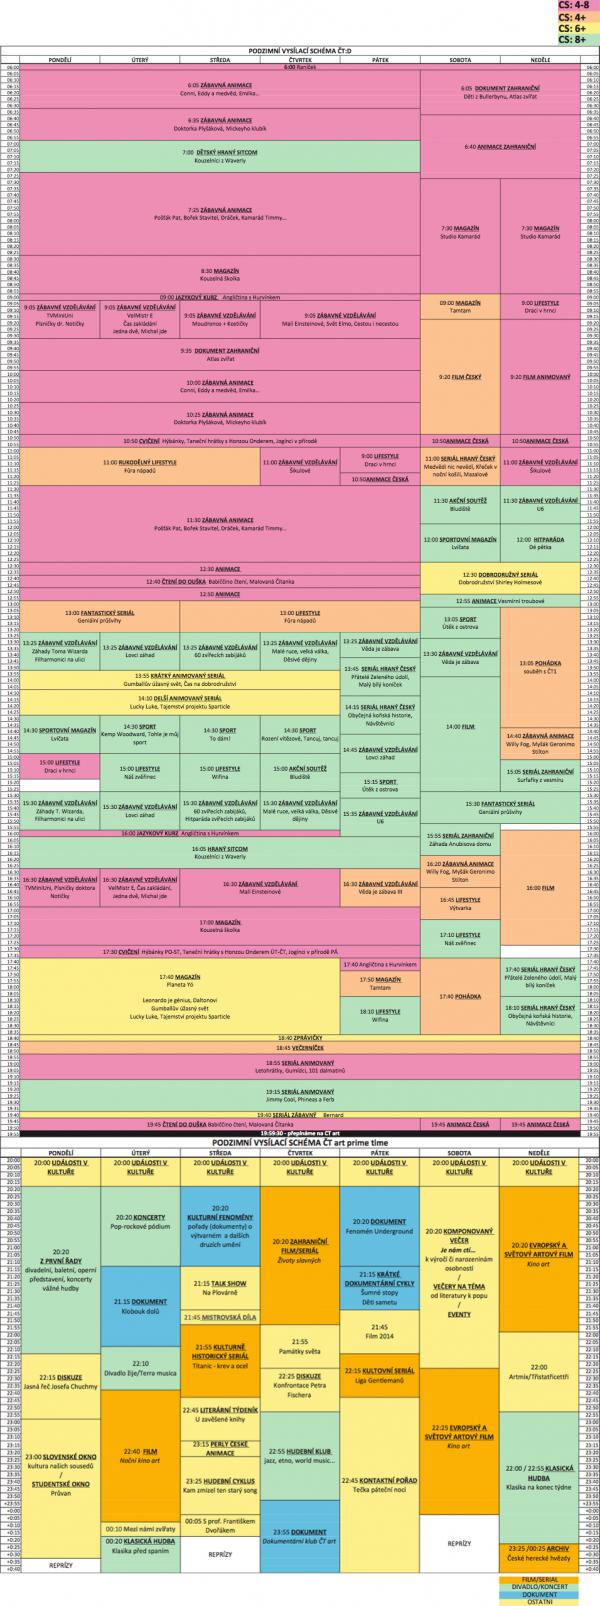 Programové schéma ČT:D a ČT Art pro podzim 2014. Kliknutím zvětšíte